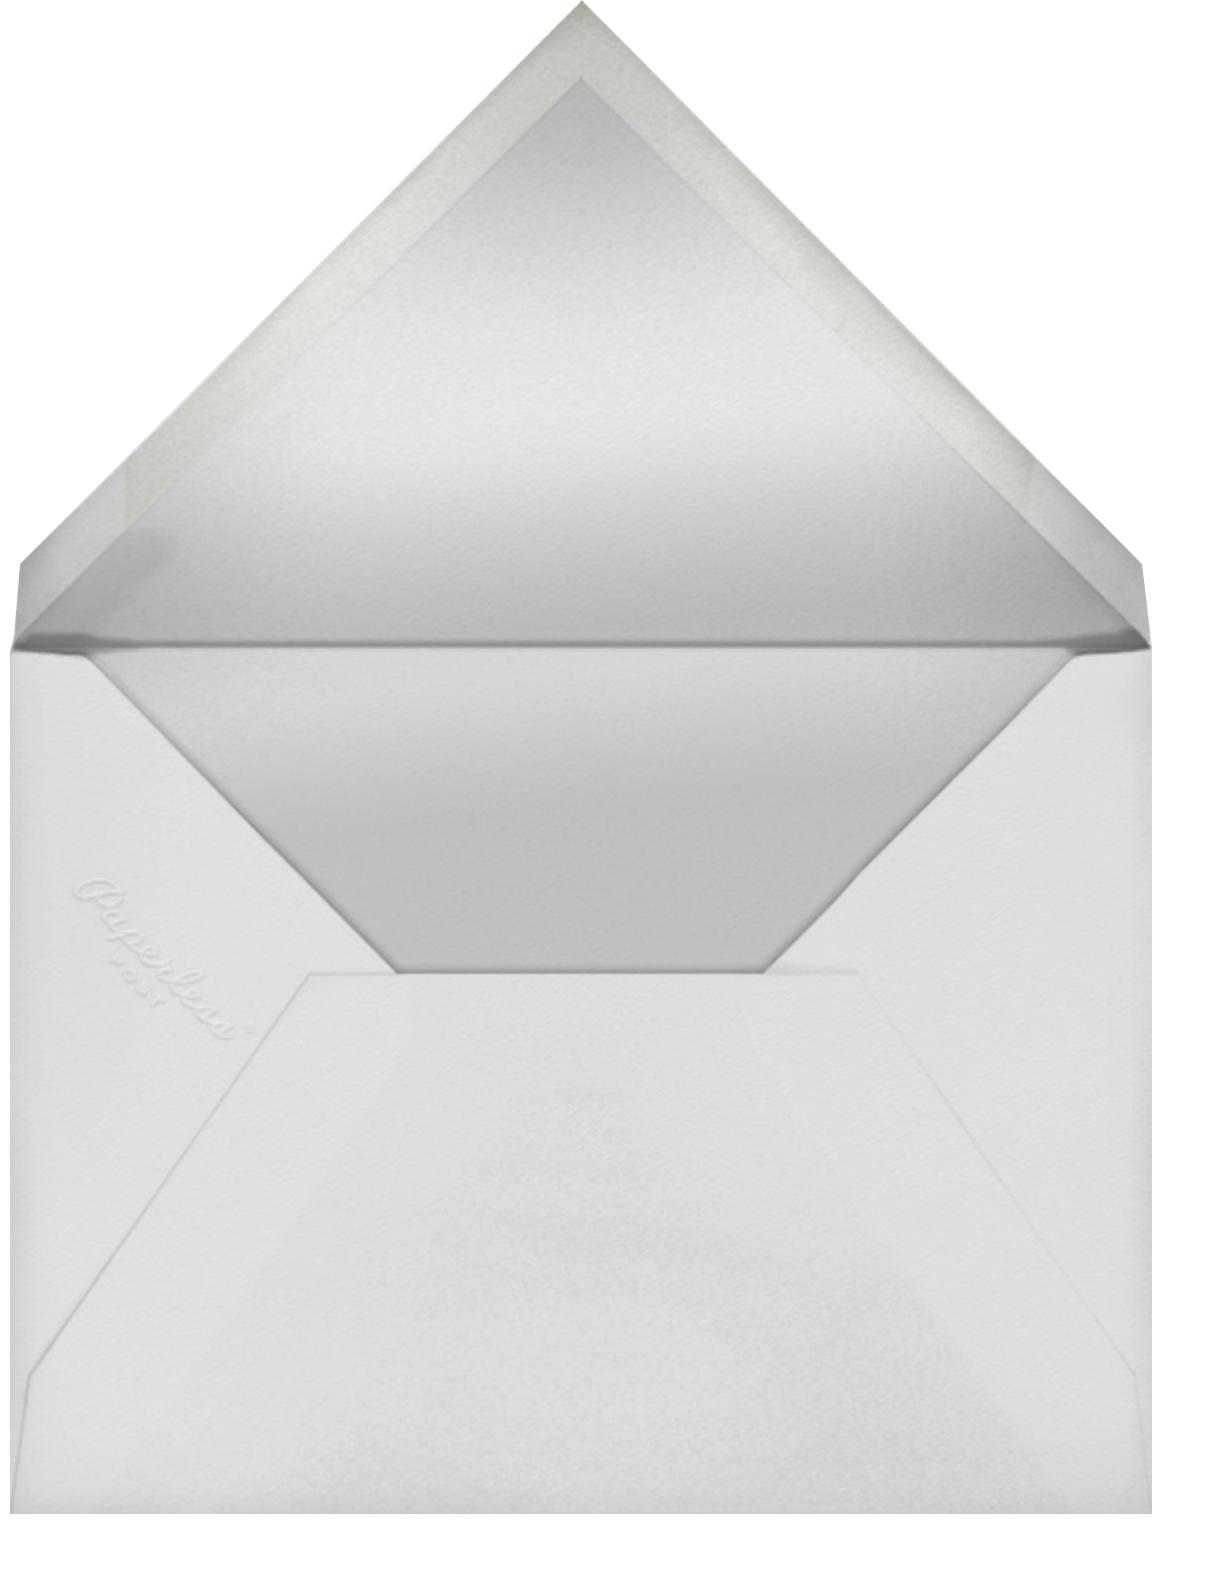 Cirque (Happy Birthday) - Yellow - Paperless Post - Envelope